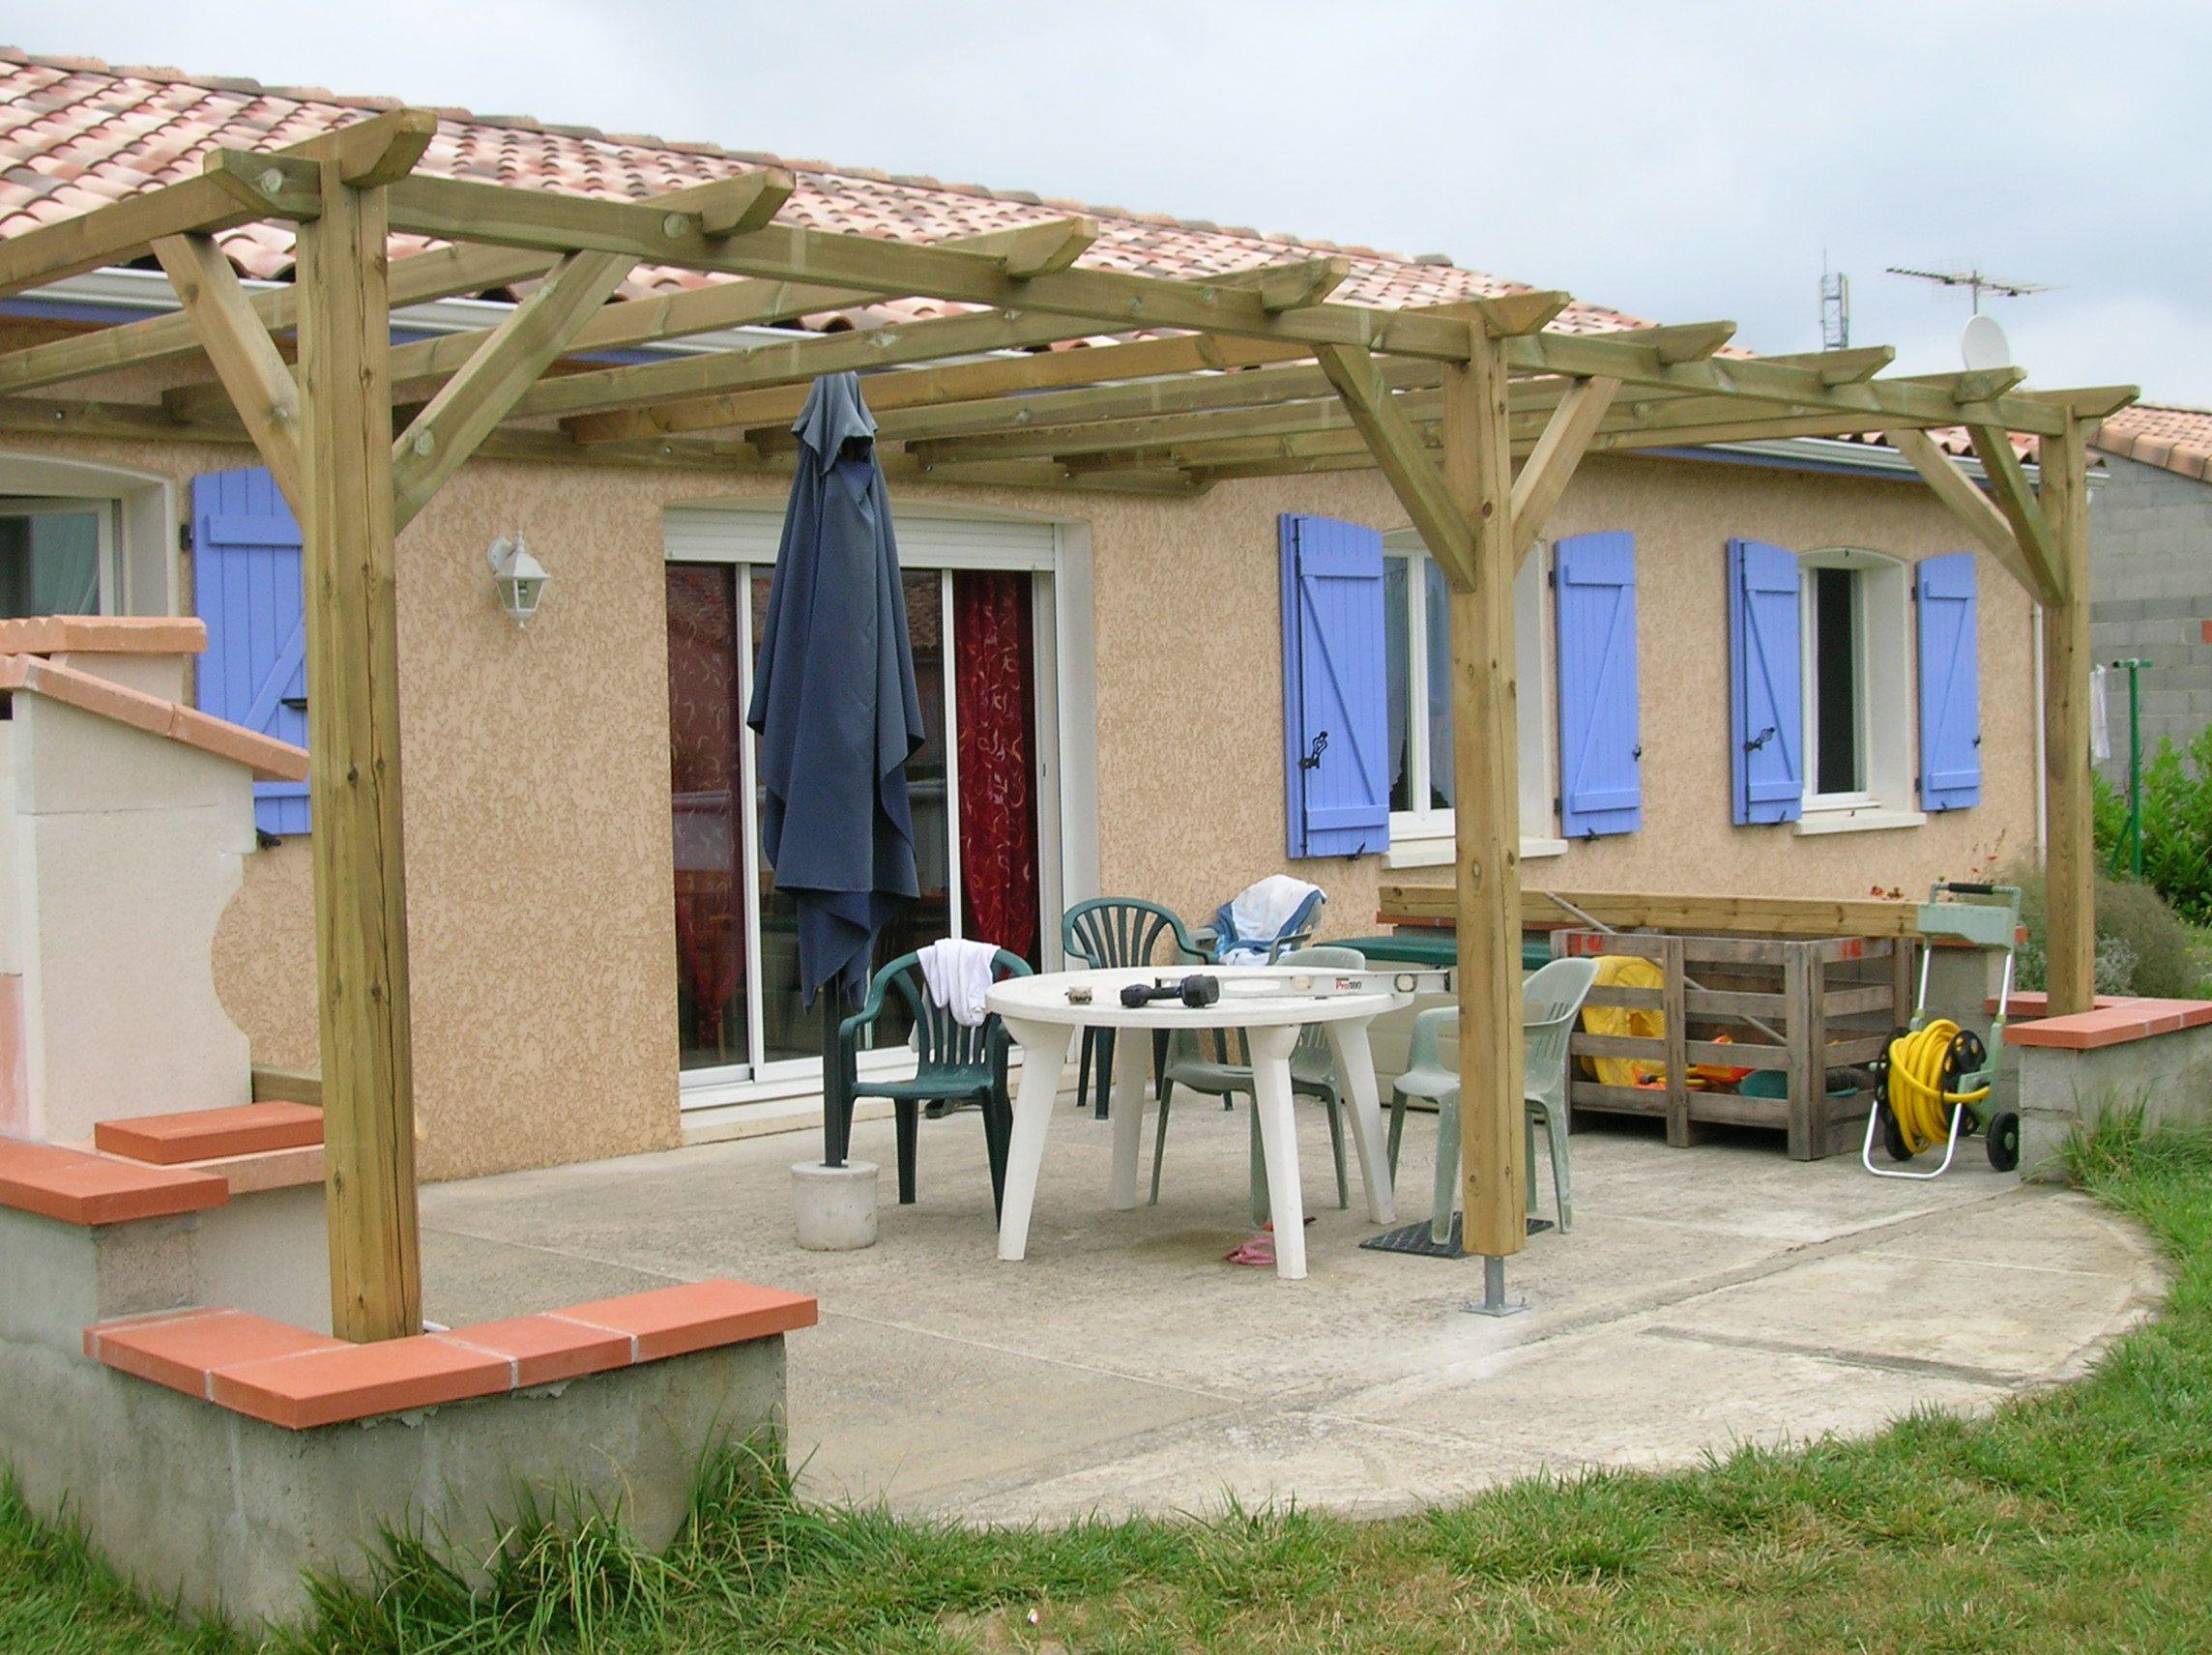 Fabriquer Une Tonnelle En Bois pergola bois autoclave | construire pergola bois, pergola